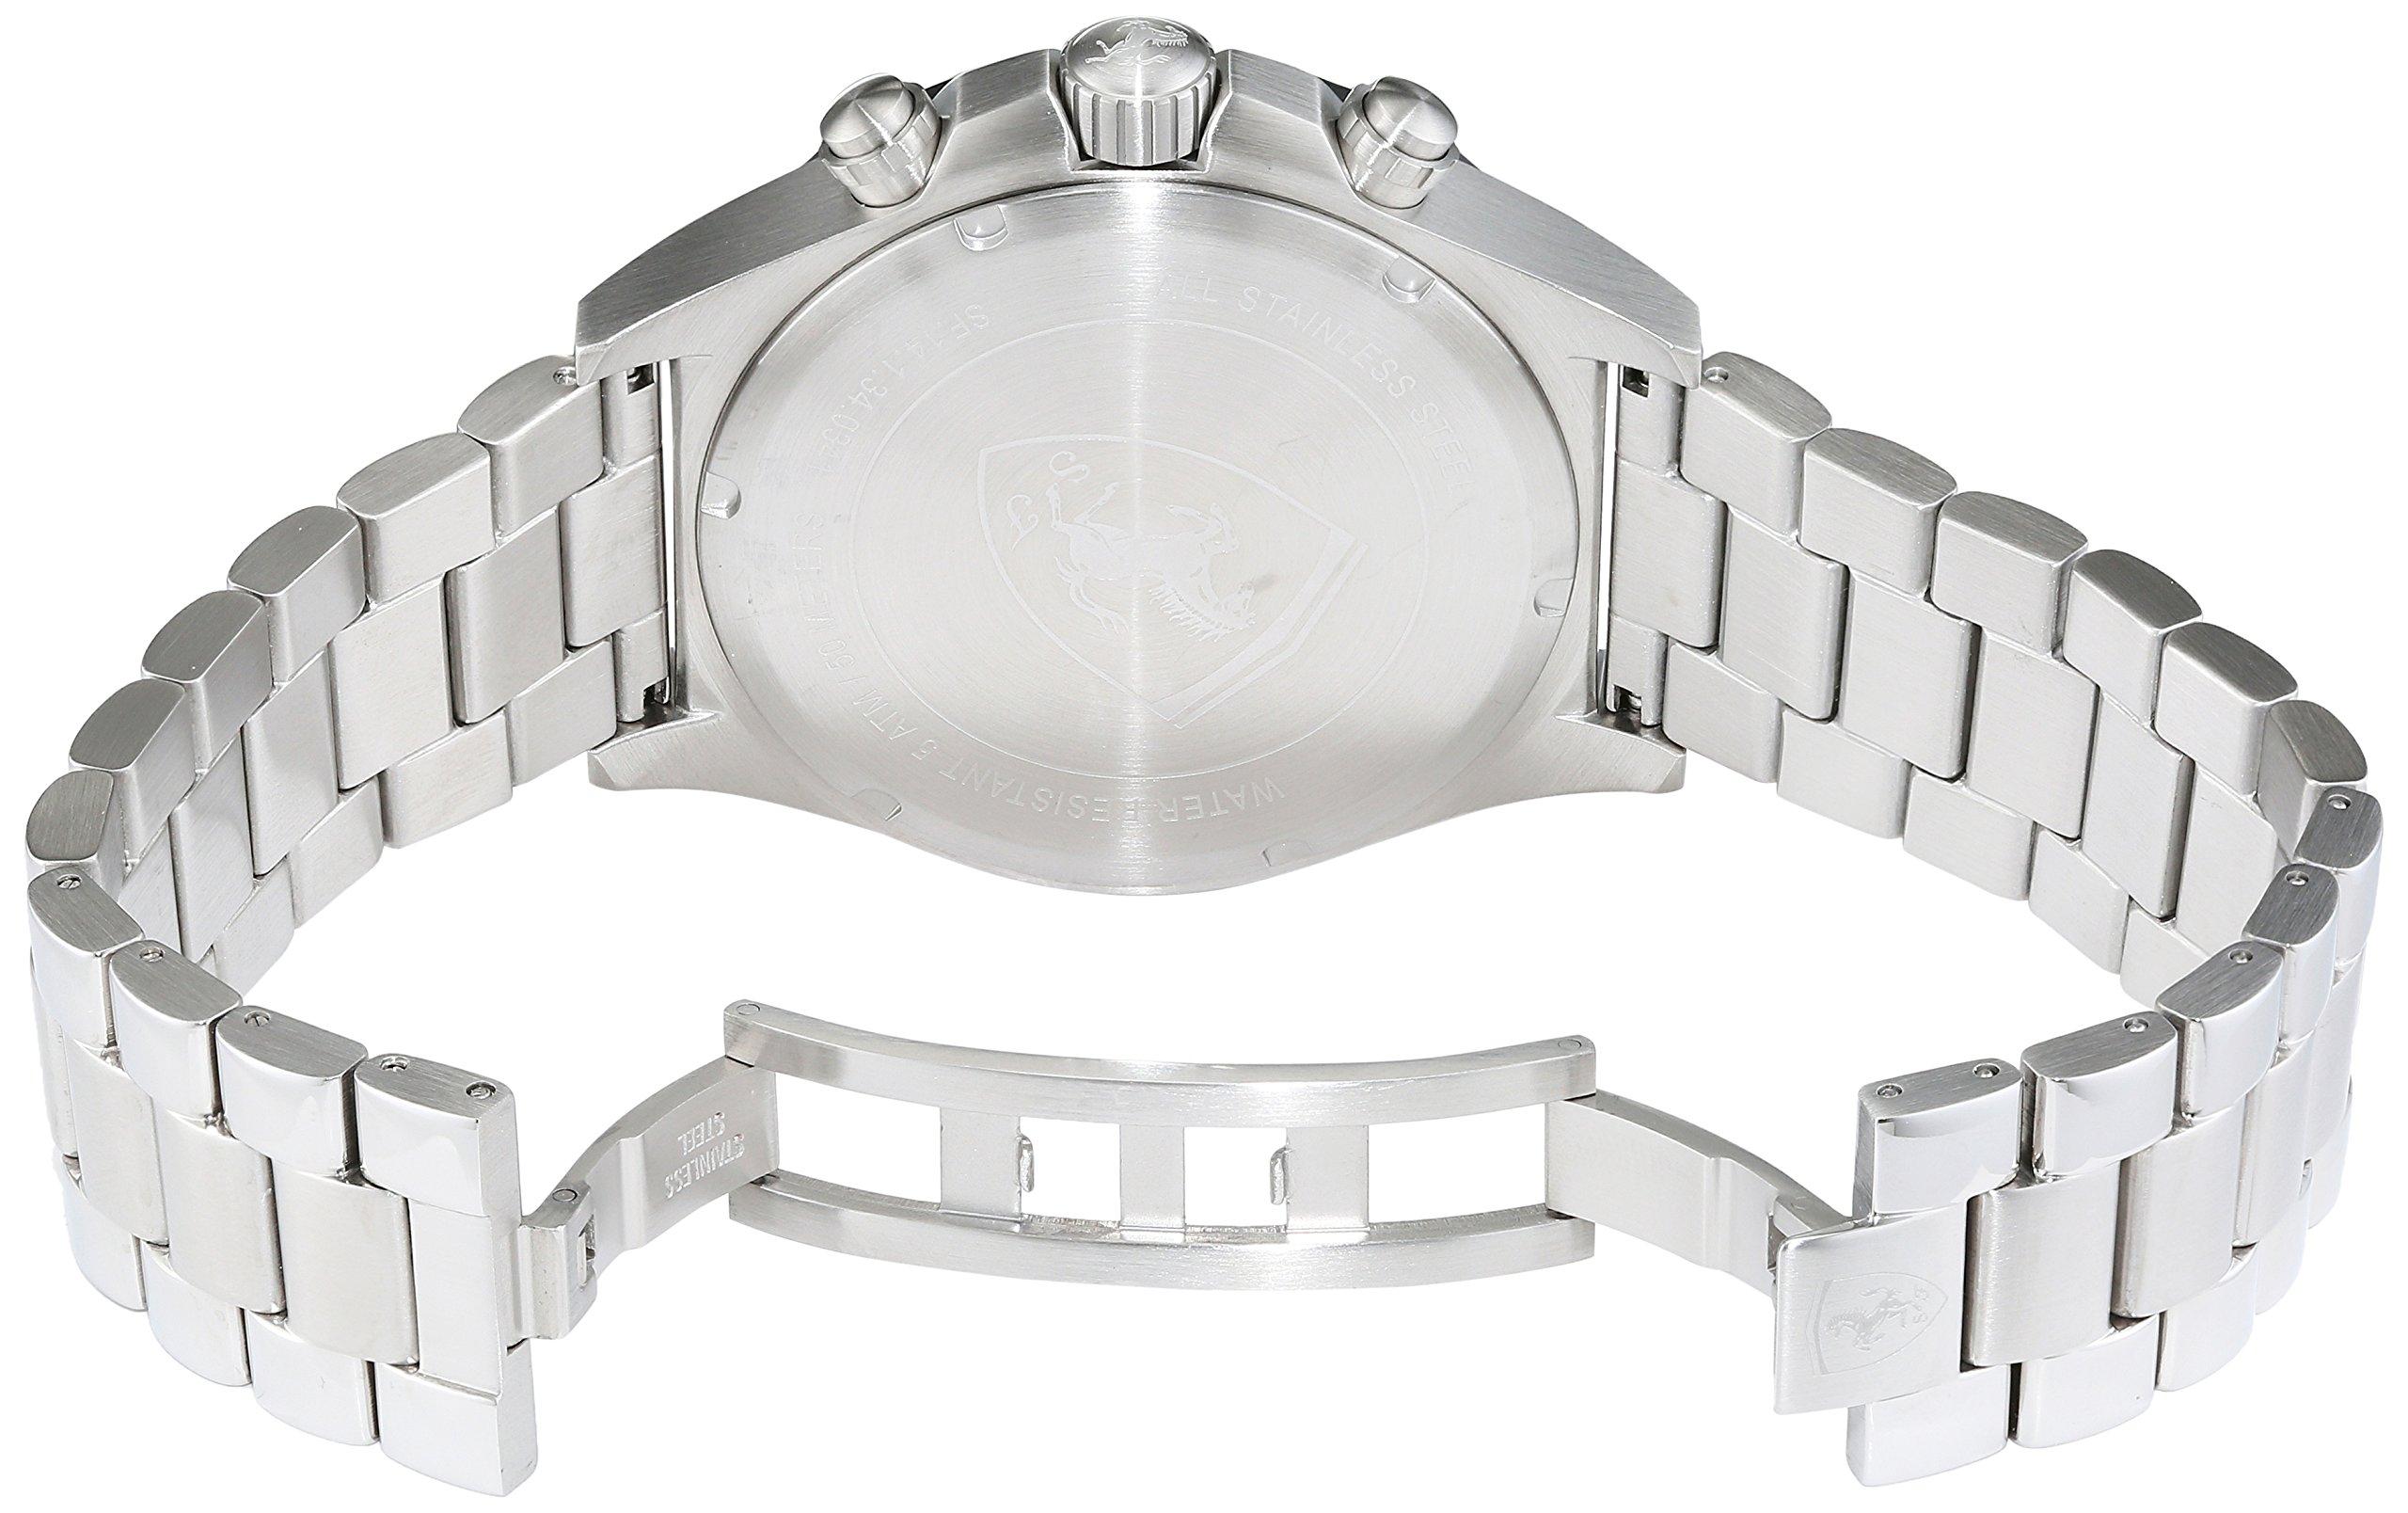 Herren Scuderia Ferrari Klassisch Armbanduhr Datum Quarz 830393 0wPkXNZ8nO